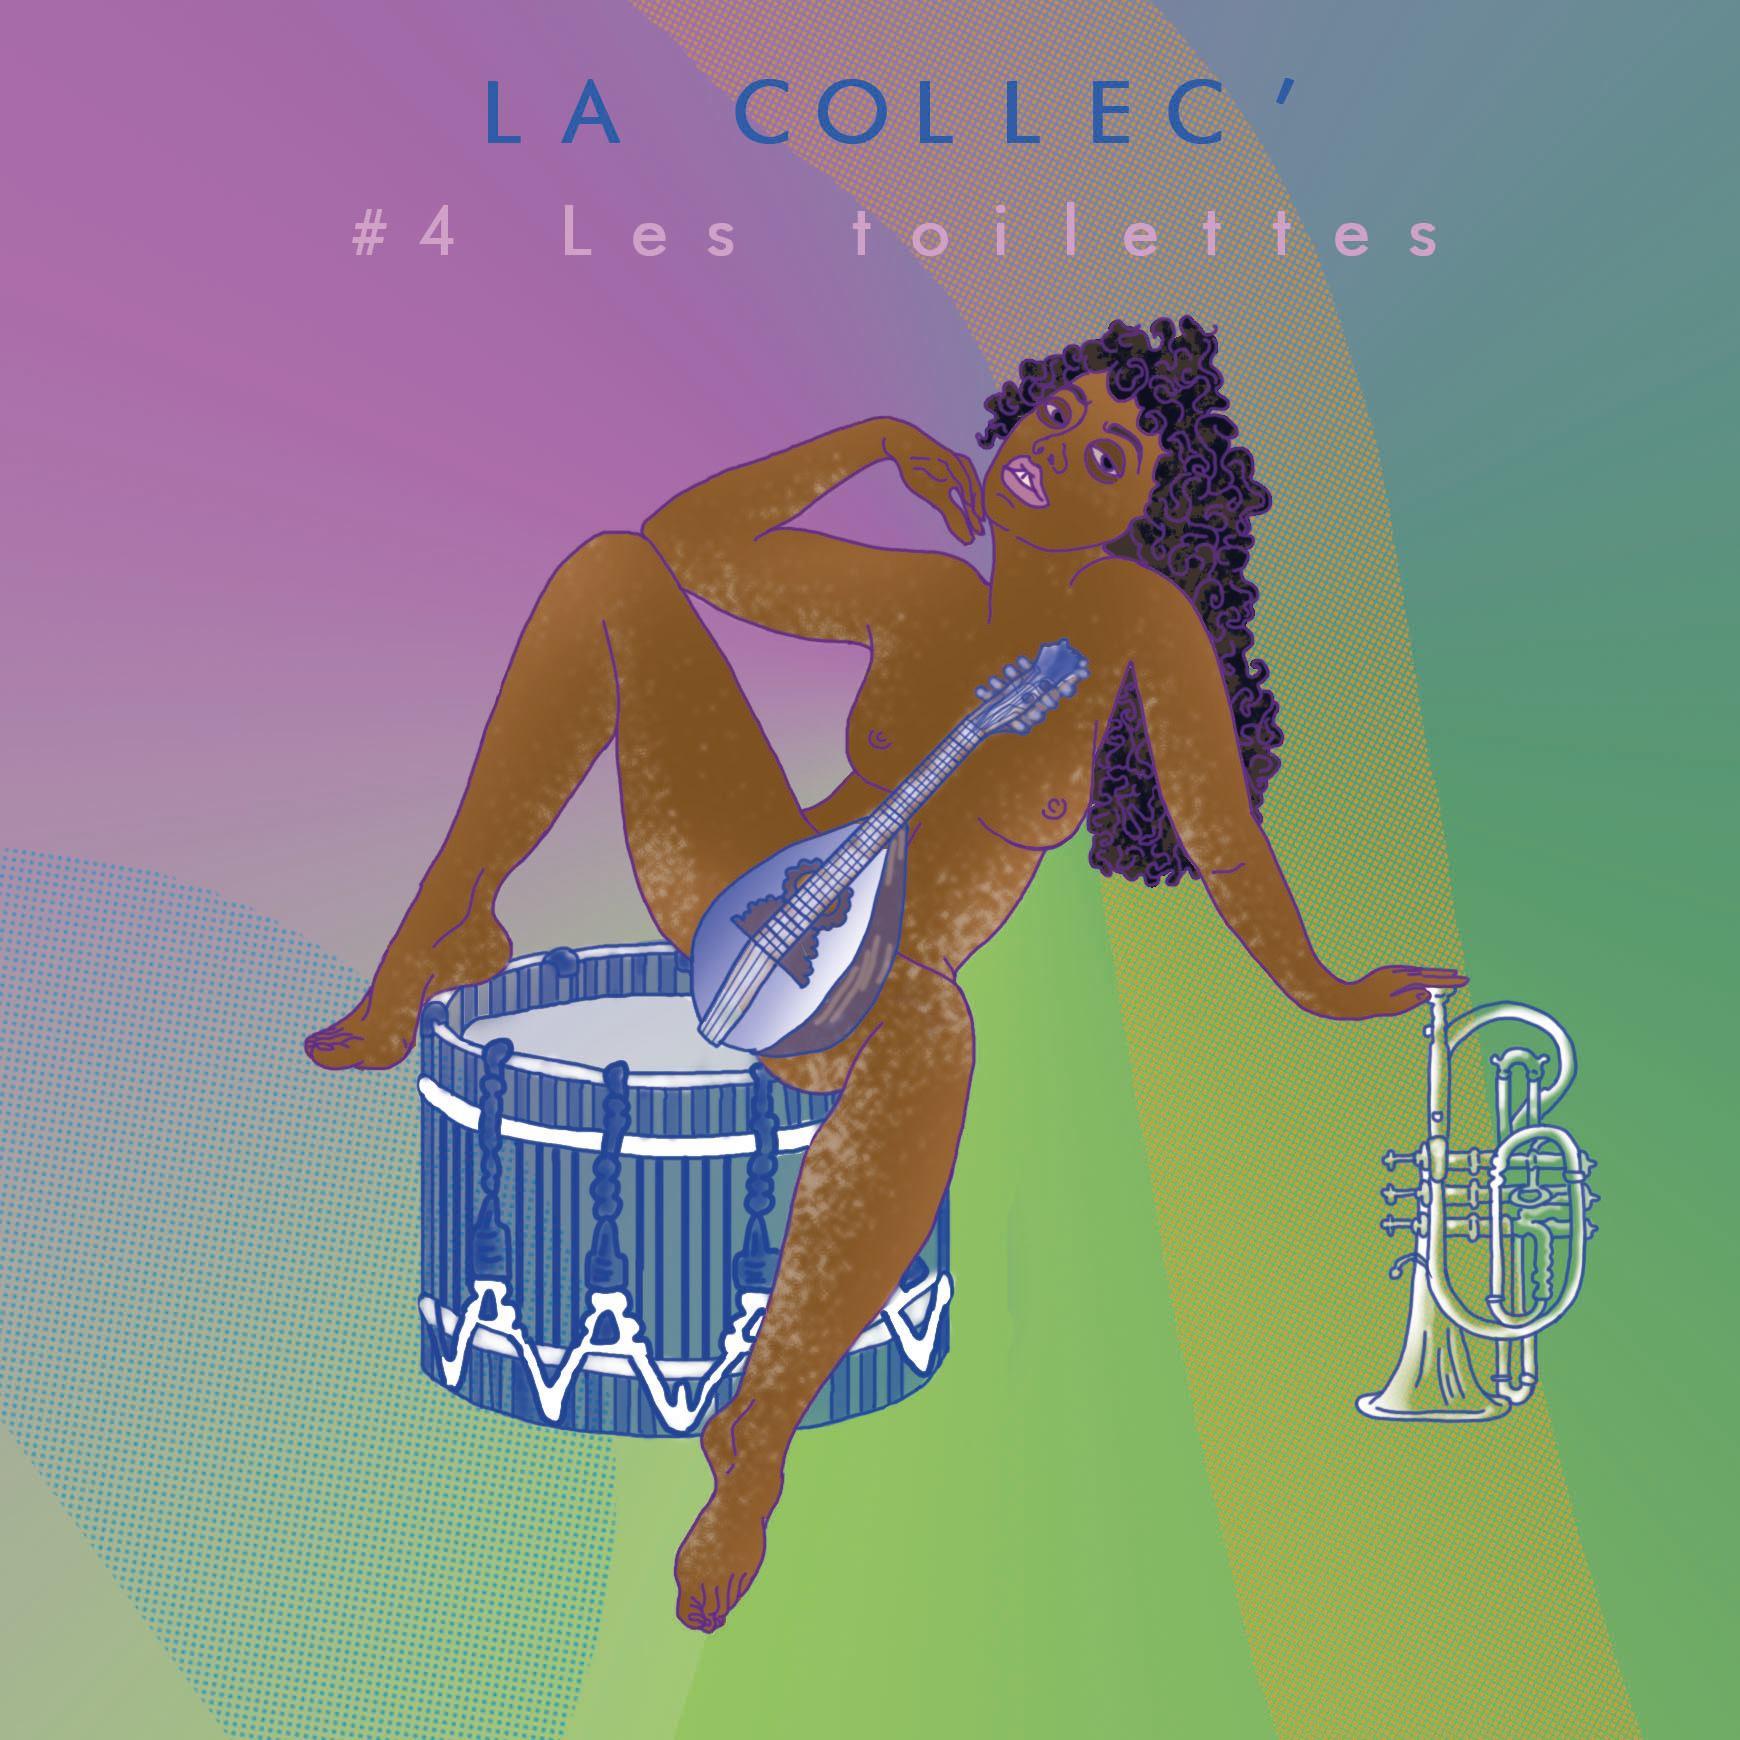 La Collec' S0204 - Les Toilettes - Visuel de Cannelle Mekki